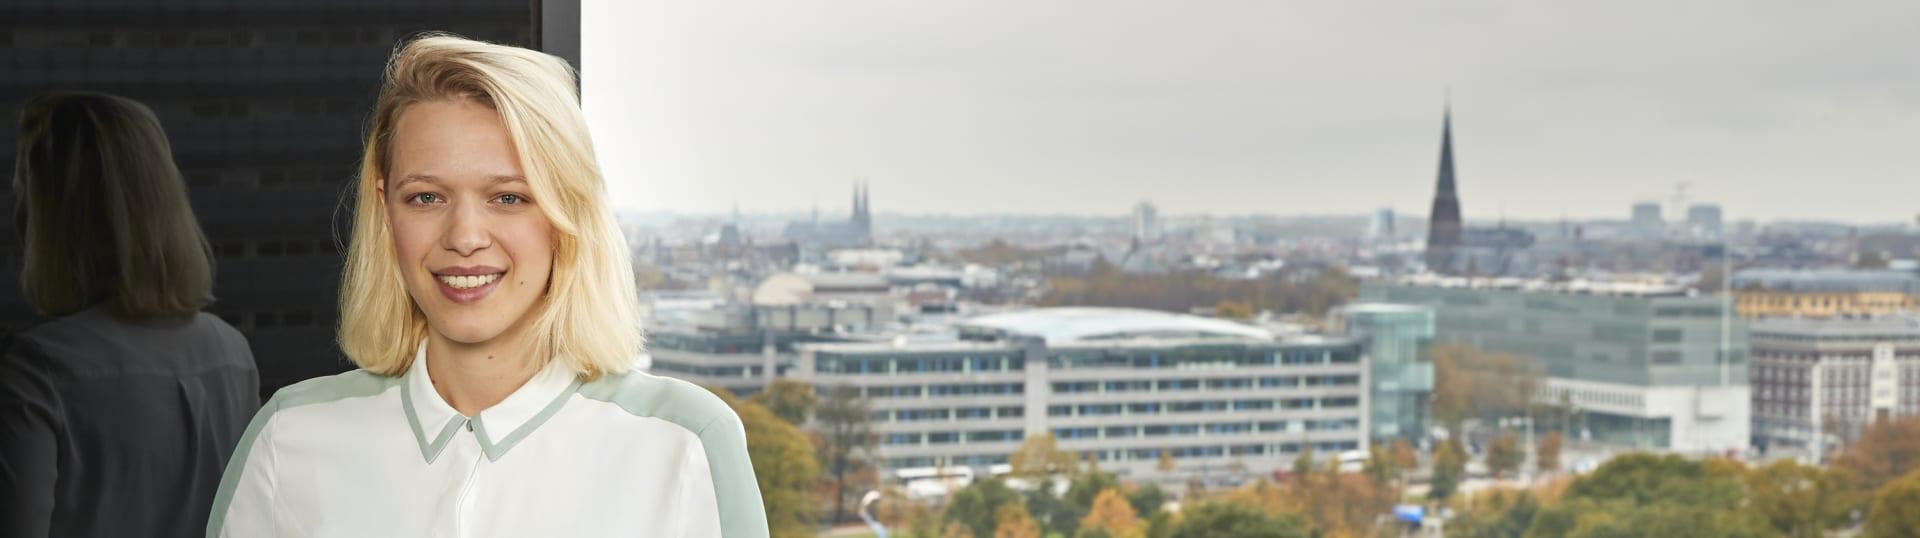 Sara van Winzum, advocaat Pels Rijcken